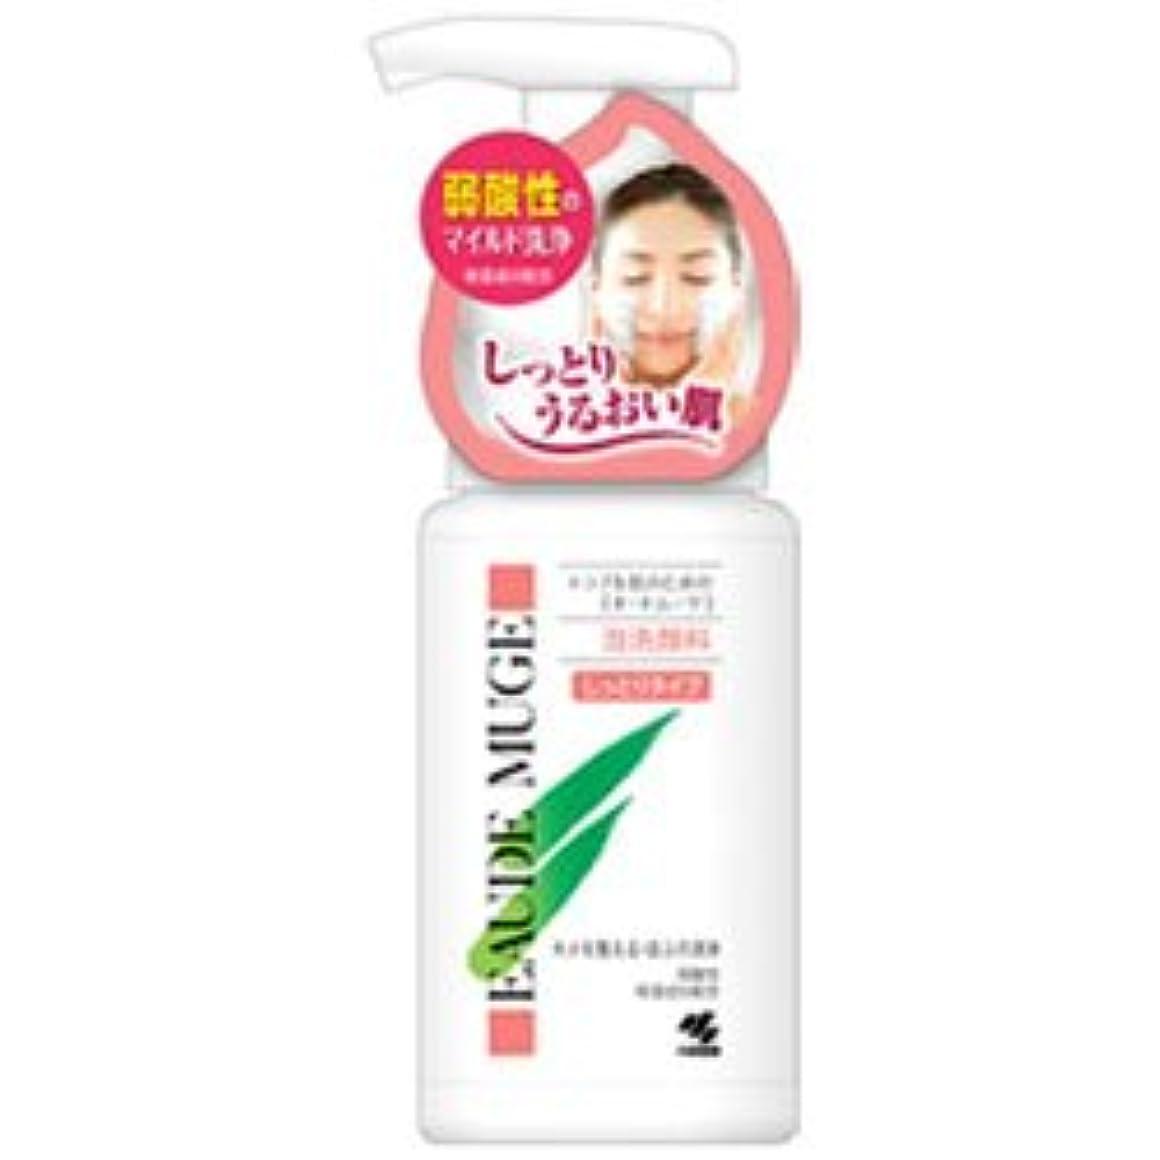 【小林製薬】オードムーゲ 泡洗顔料 しっとりタイプ 150ml ×3個セット